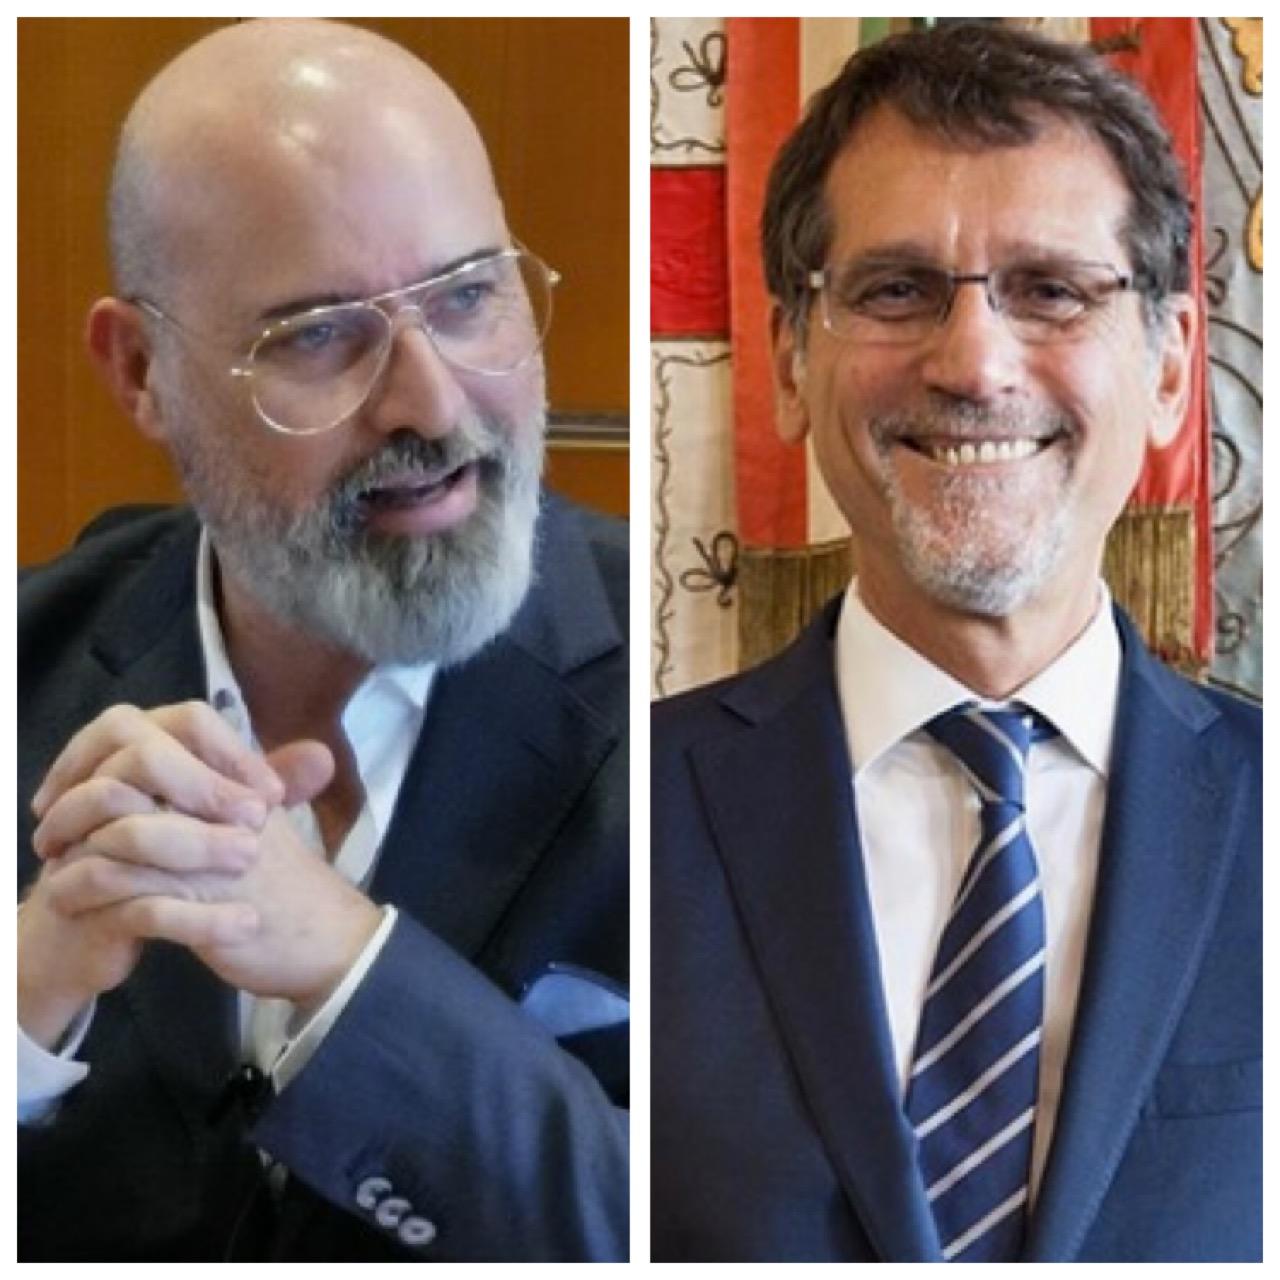 Le parole del Presidente  Stefano Bonaccini e del Sindaco Virginio Merola sulla scomparsa di Giuseppe Gazzoni Frascara